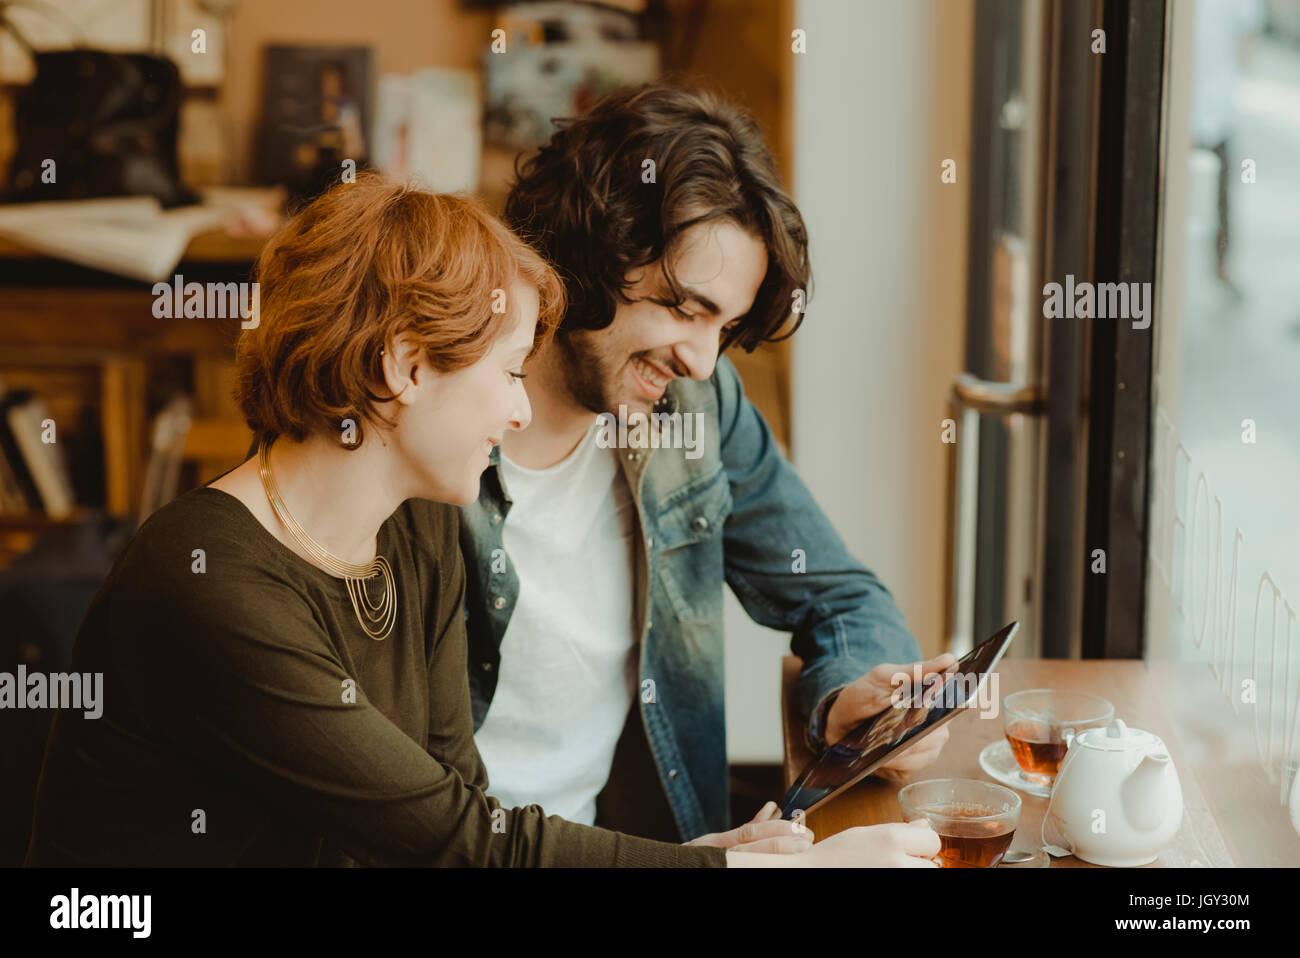 Coppia giovane seduto in cafe, guardando a tavoletta digitale Immagini Stock